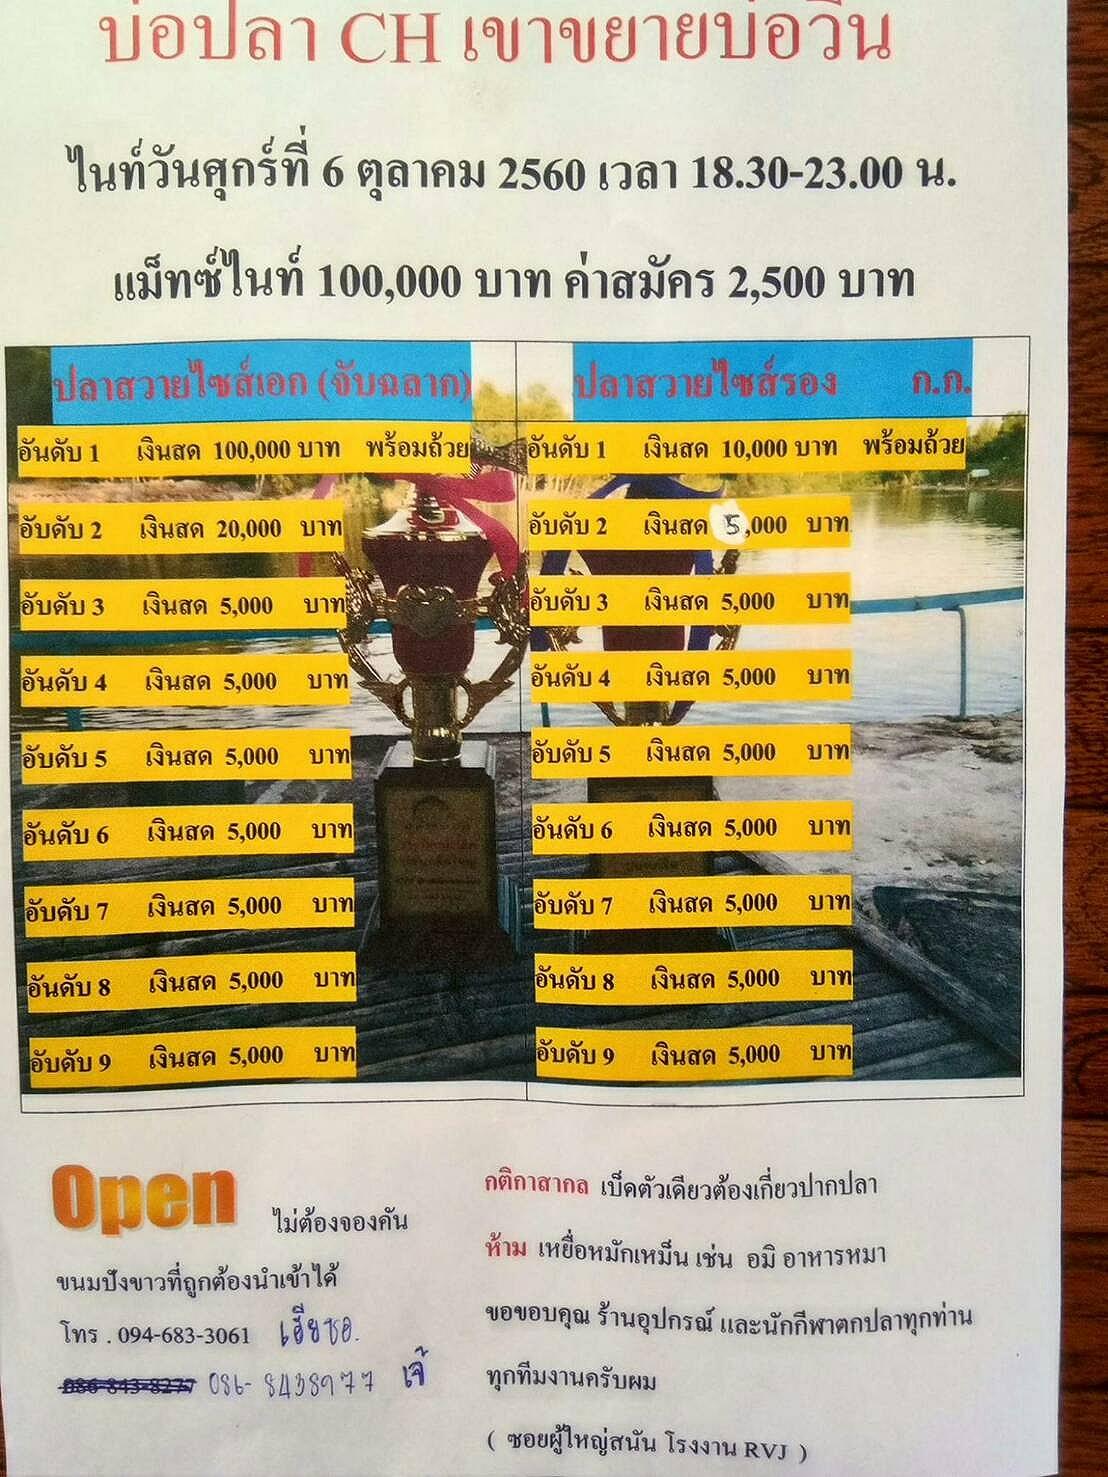 บ่อตกปลา CH ไนท์วันศุกร์นี้  6 ตุลาคม 2560 OPEN ชิงเงิน 100,000 บาท หาง 5000 บาท